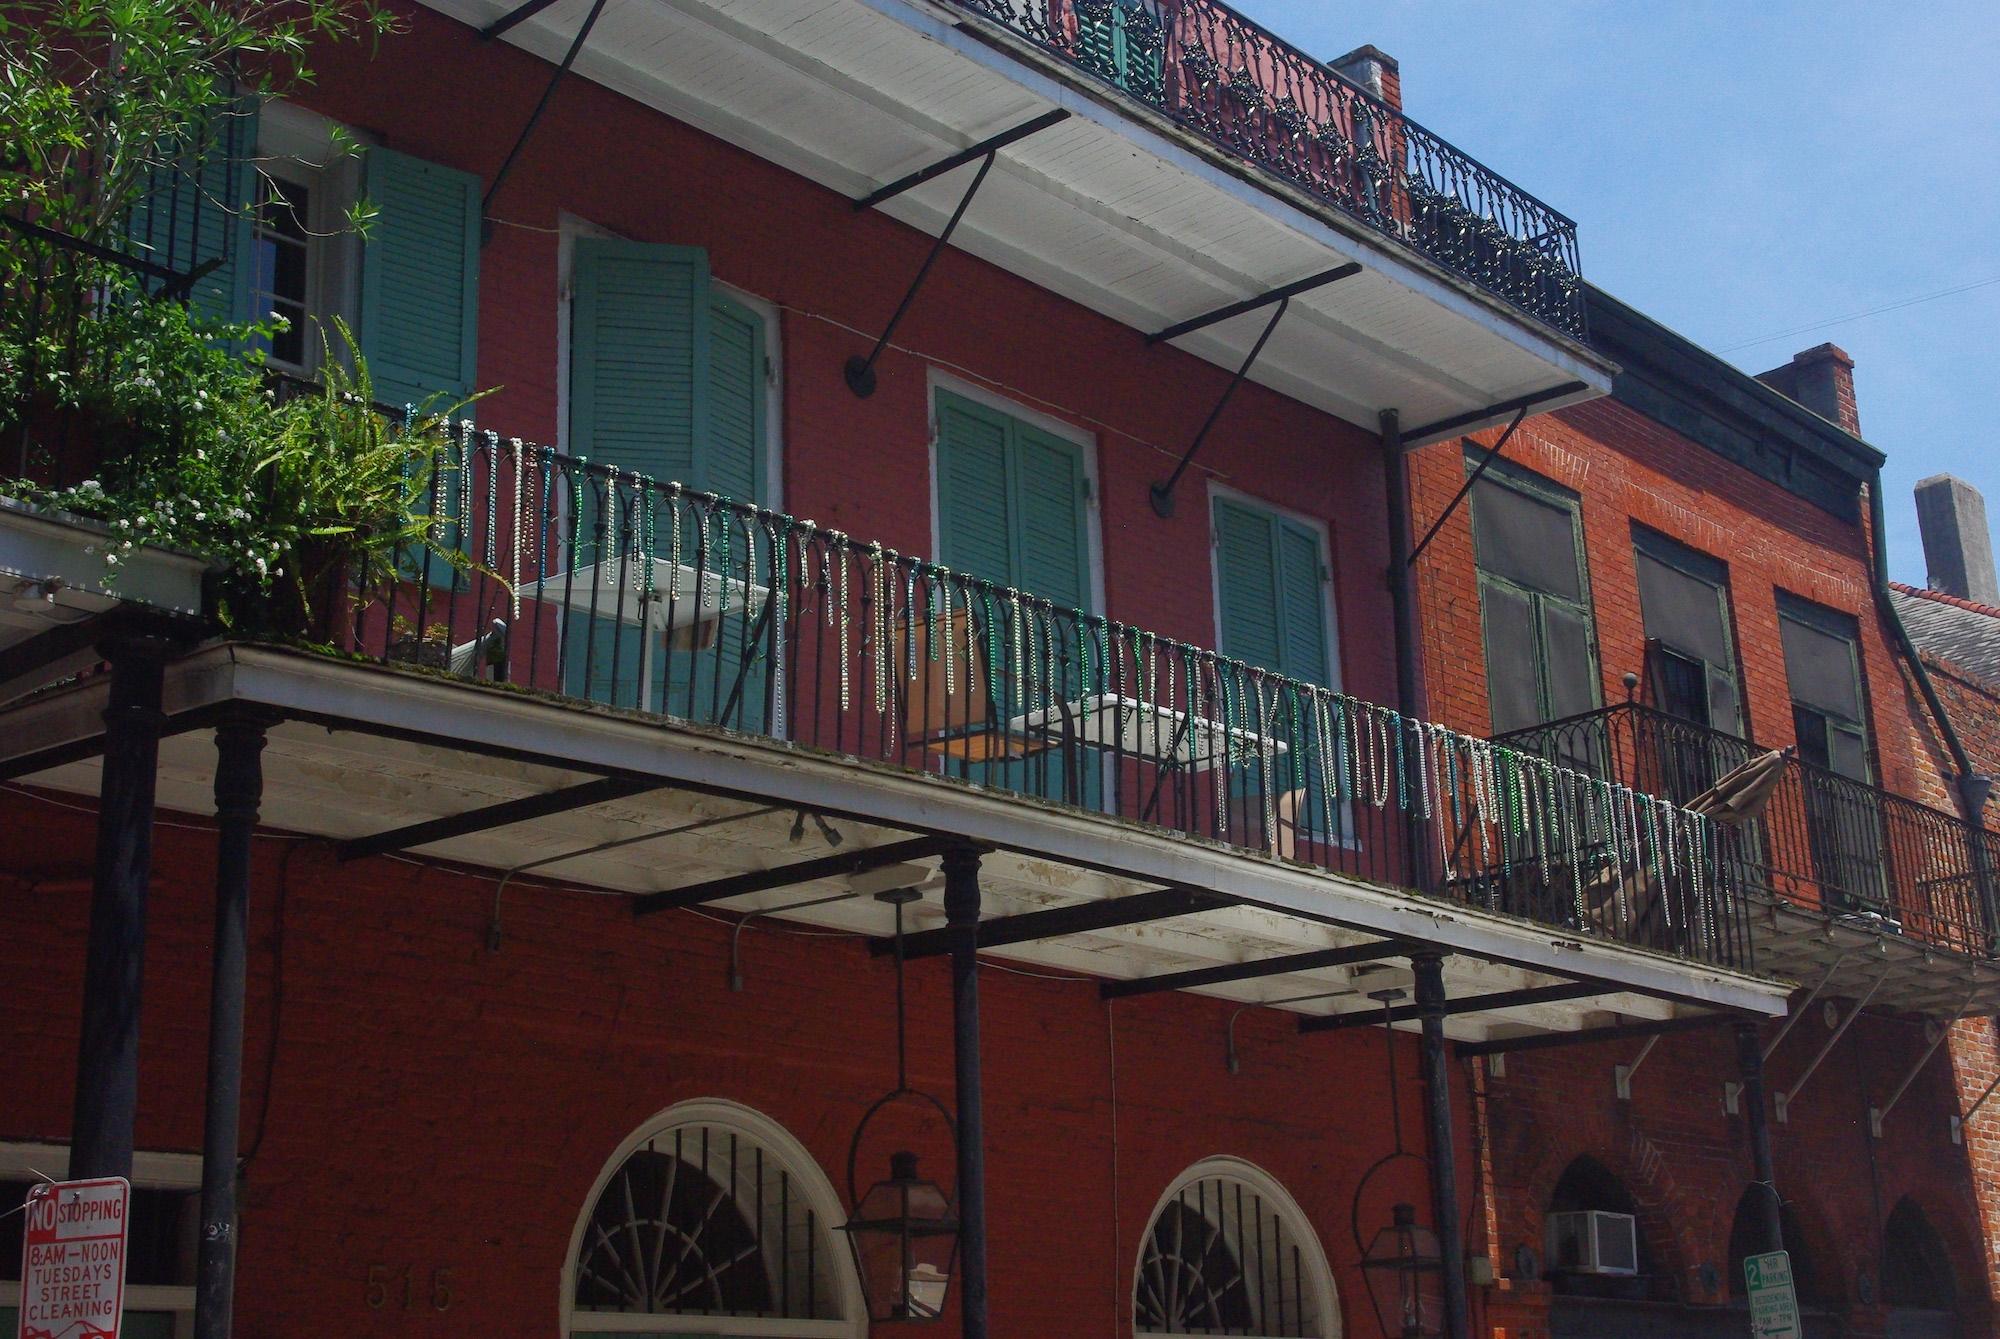 Les colliers de mardi gras accrochés au balcons